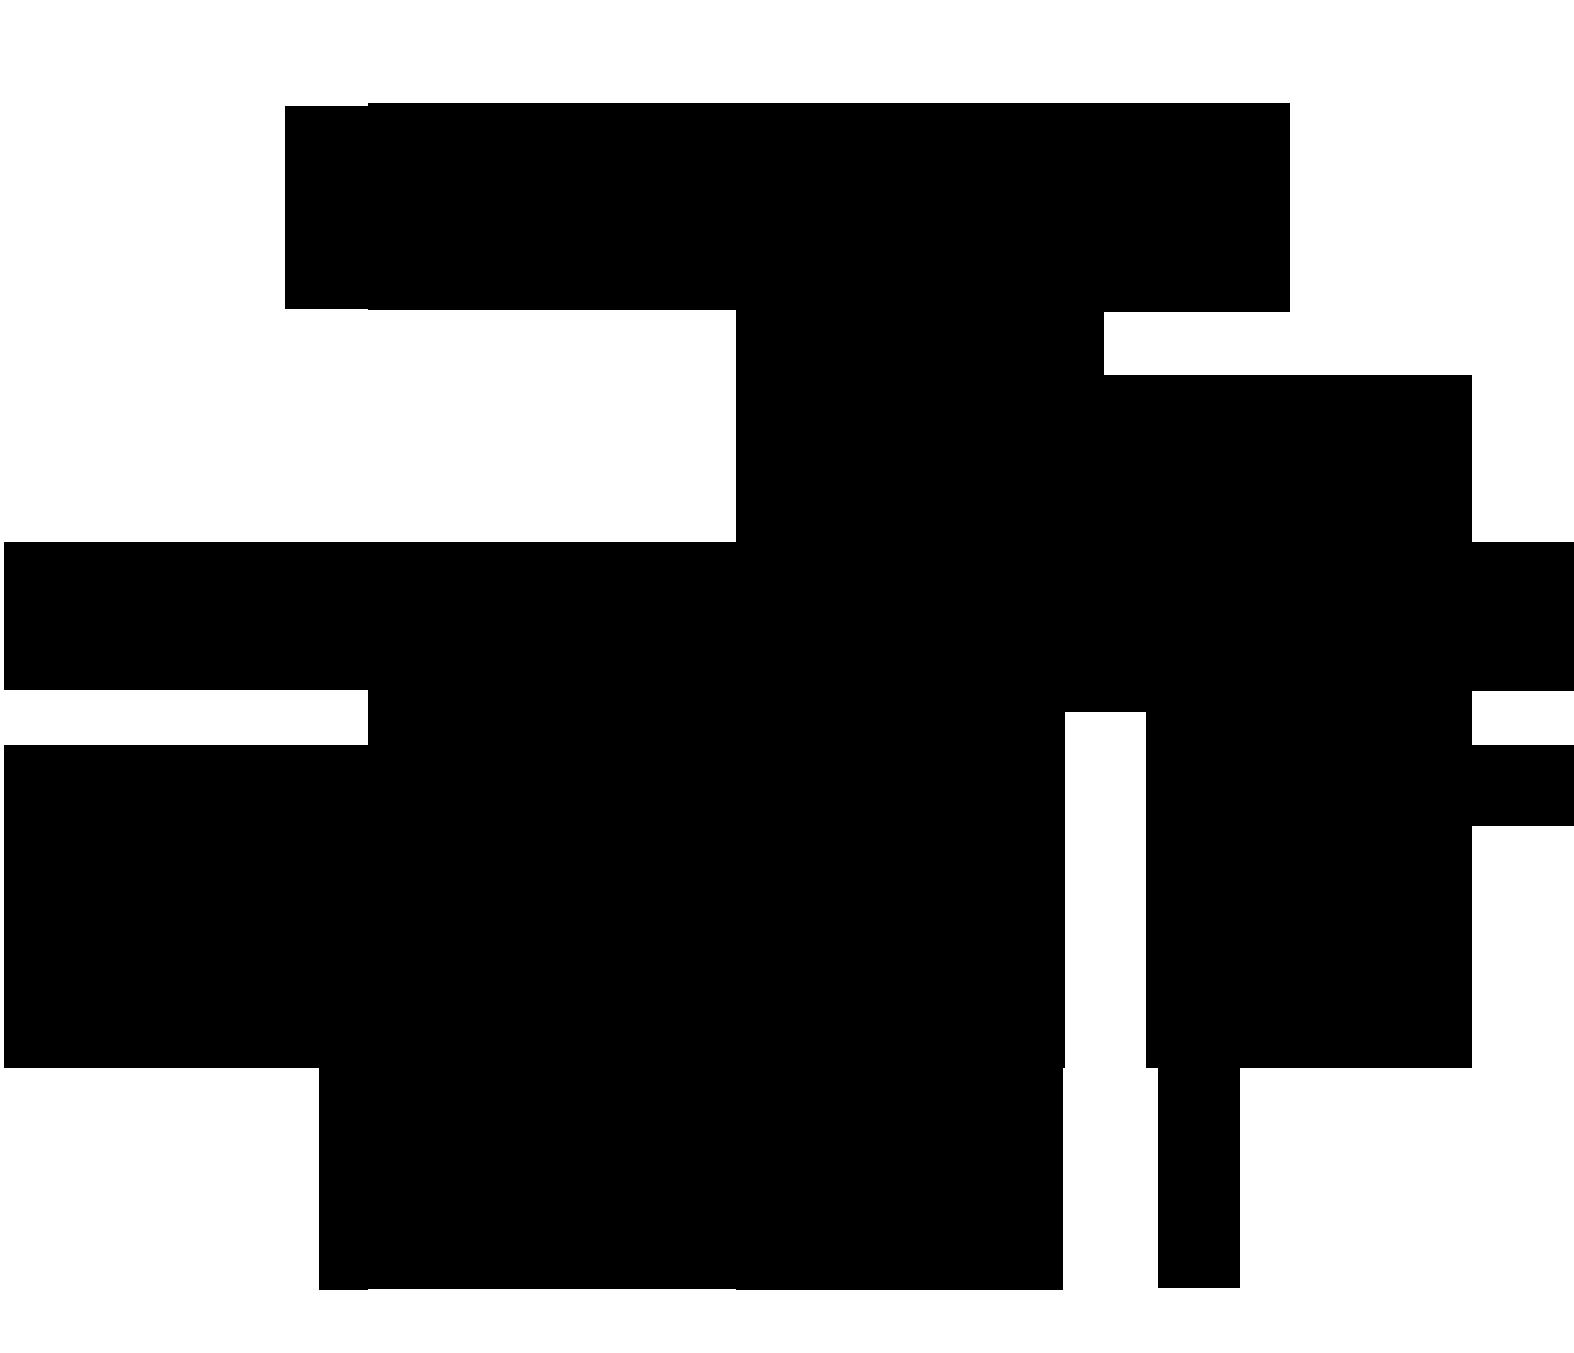 logo_optima_vds